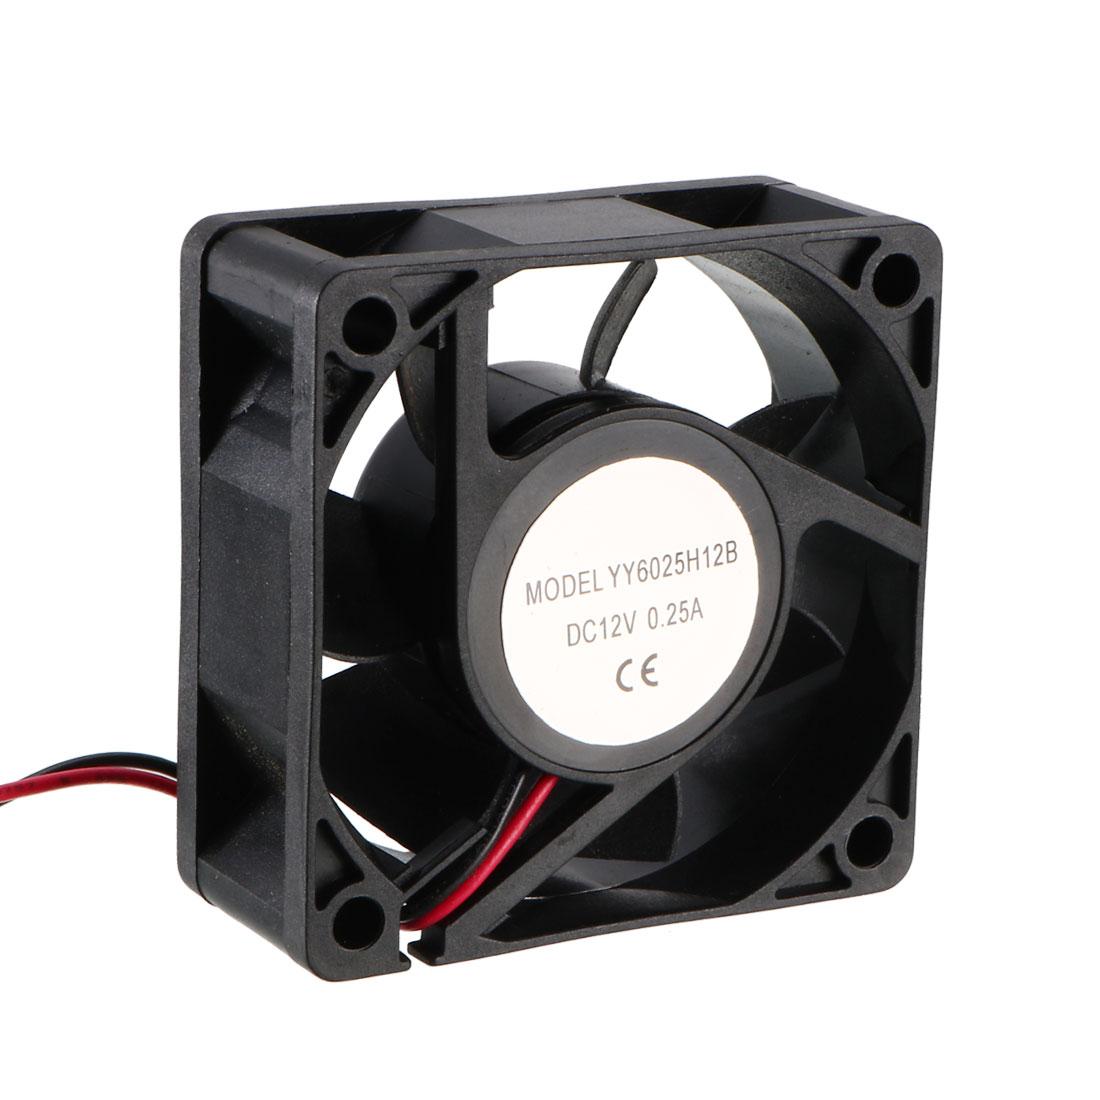 60mm x 60mm x 25mm 12V DC Cooling Fan Long Life Dual Ball Bearings PC Case Fan